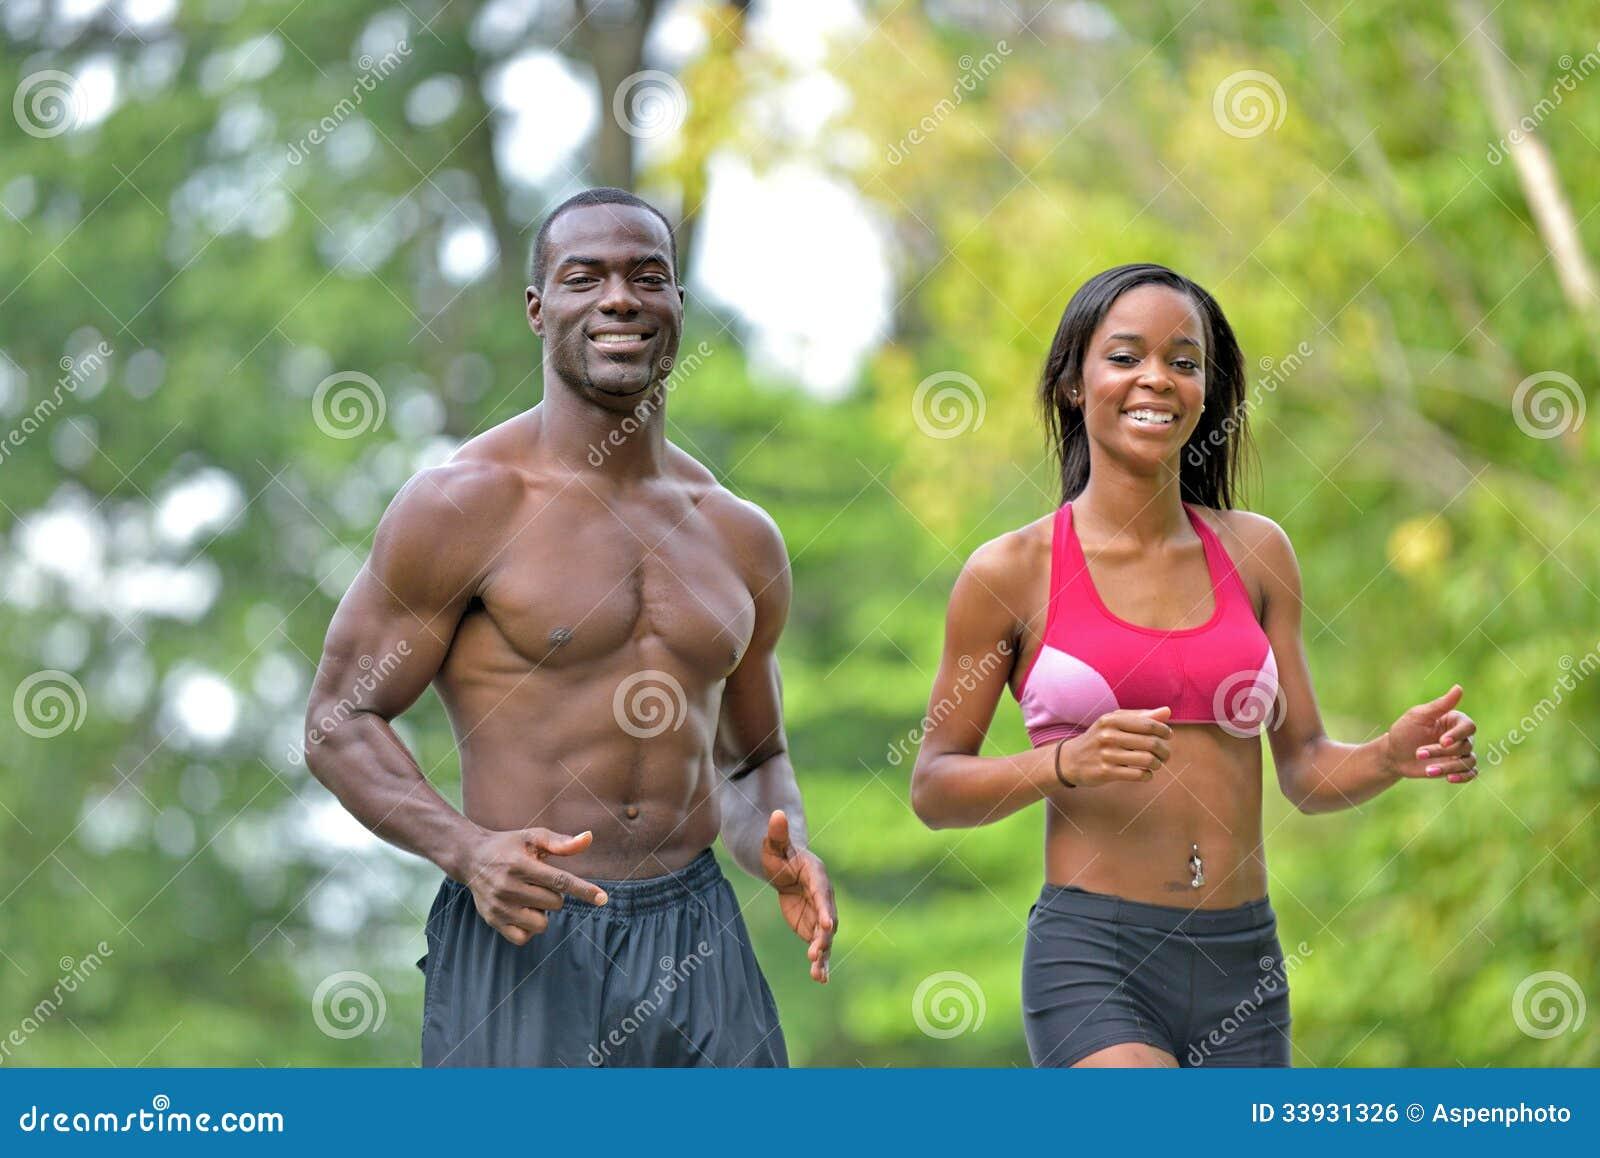 Pares afroamericanos atléticos y aptos - activando en un parque